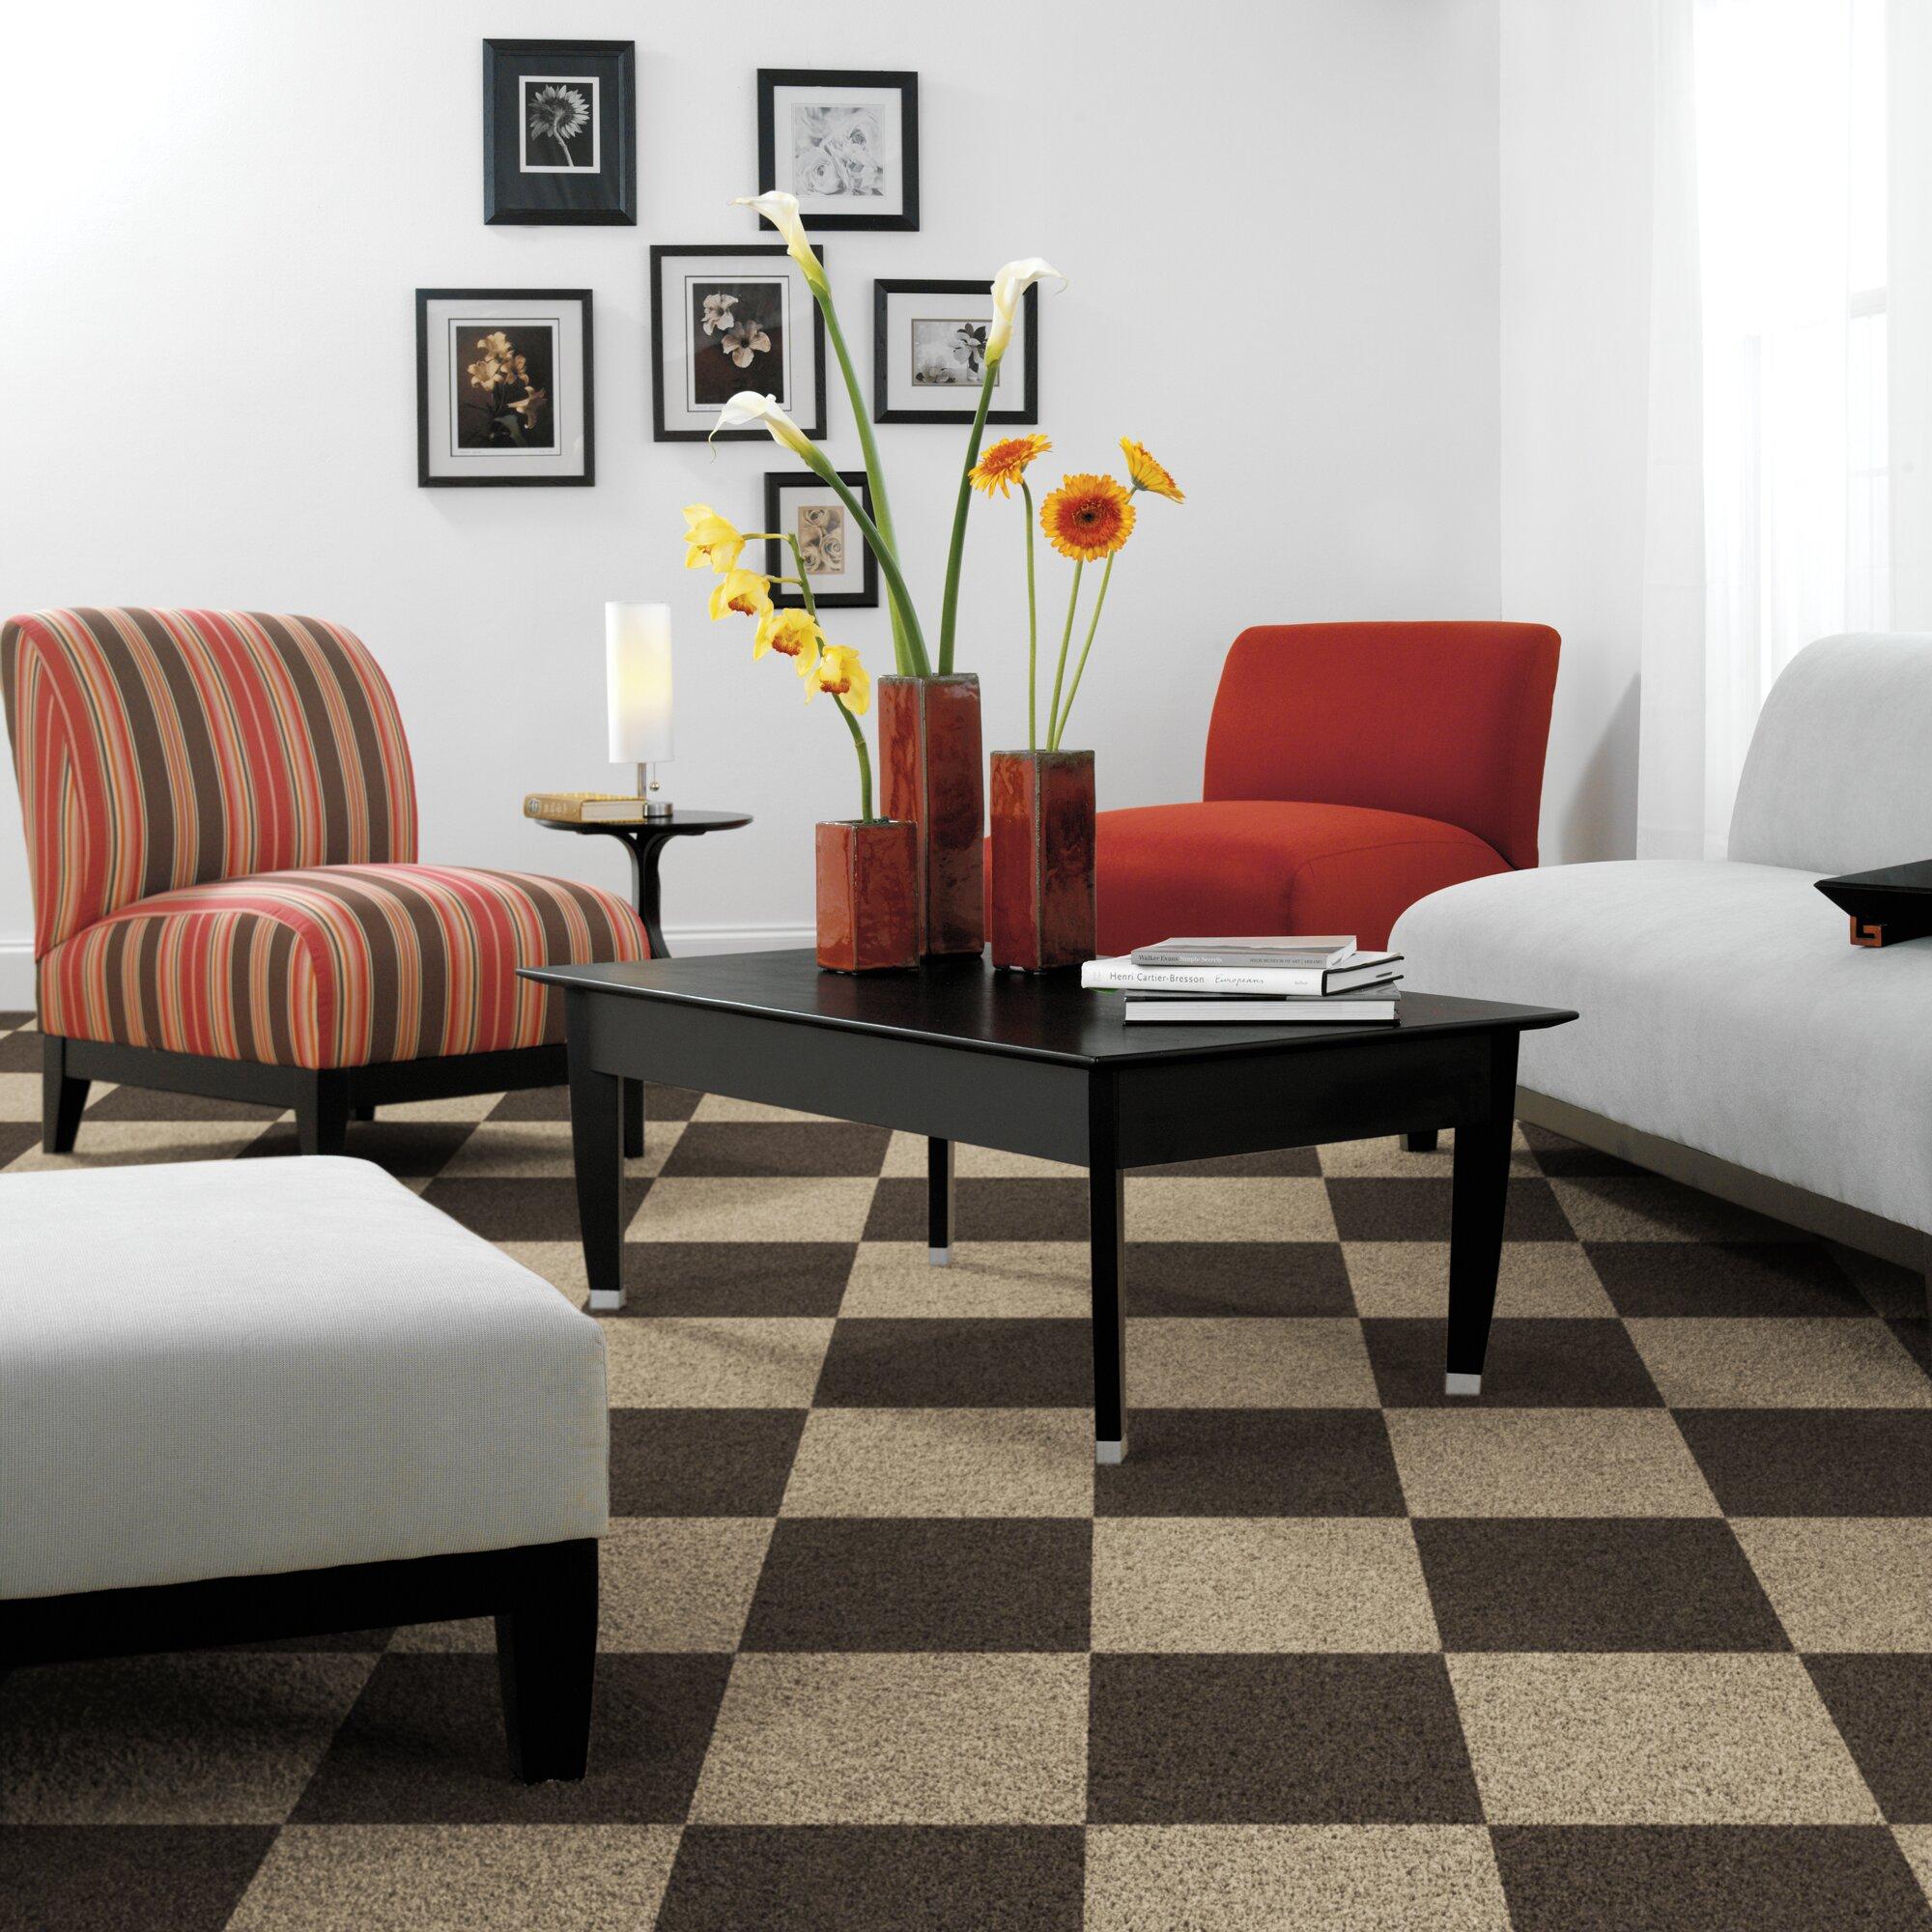 Milliken Legato Fuse Texture 19 7 Quot X 19 7 Quot Carpet Tile In